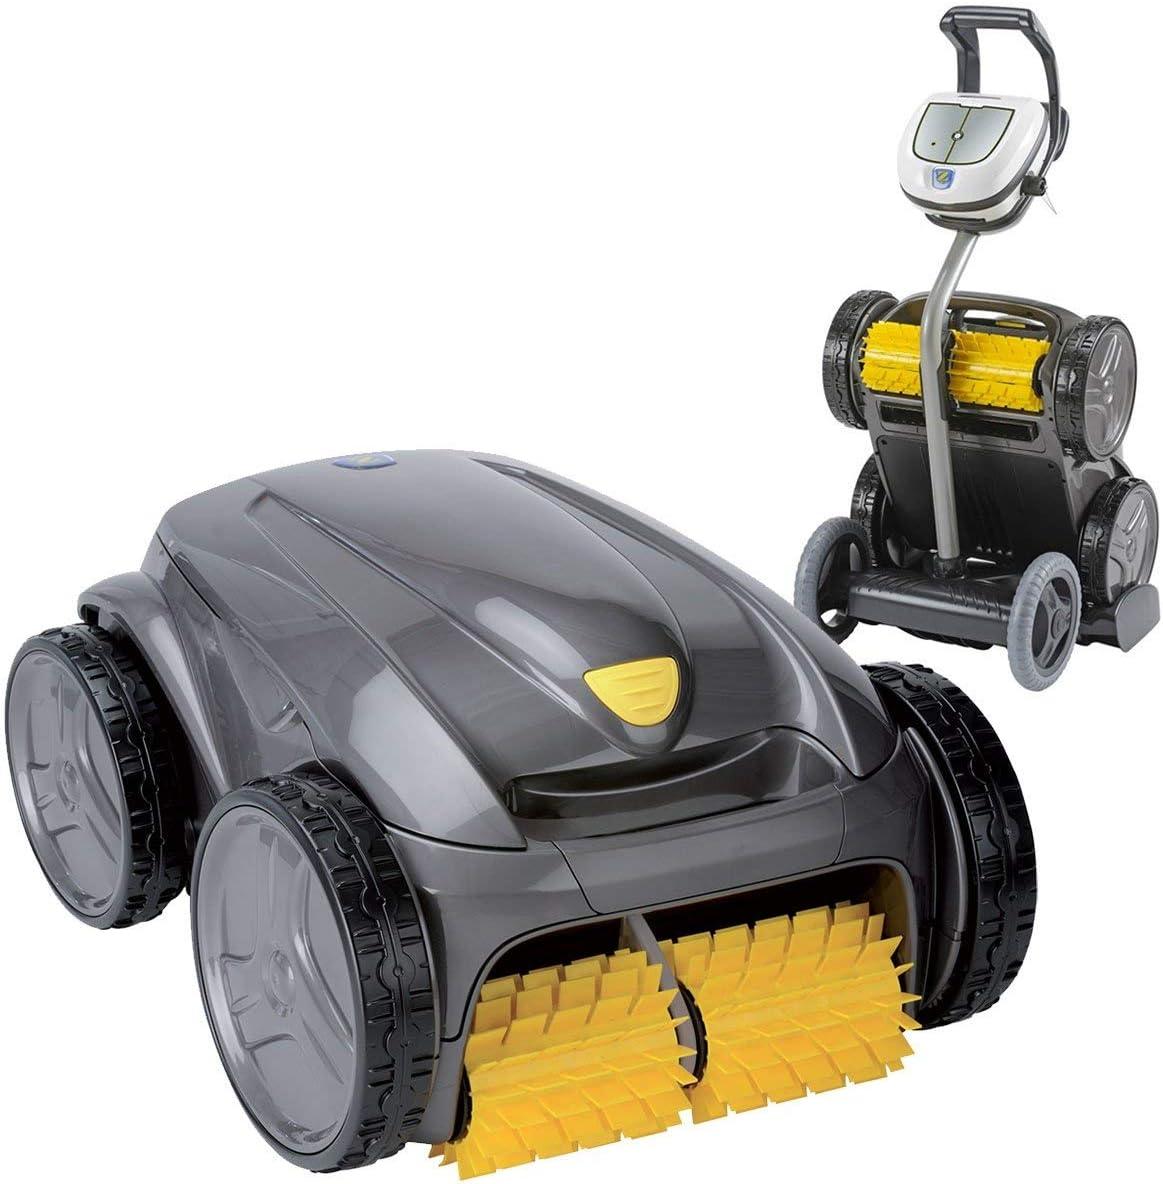 Zodiac Robot limpiafondos Vortex OV 3500: Amazon.es: Jardín